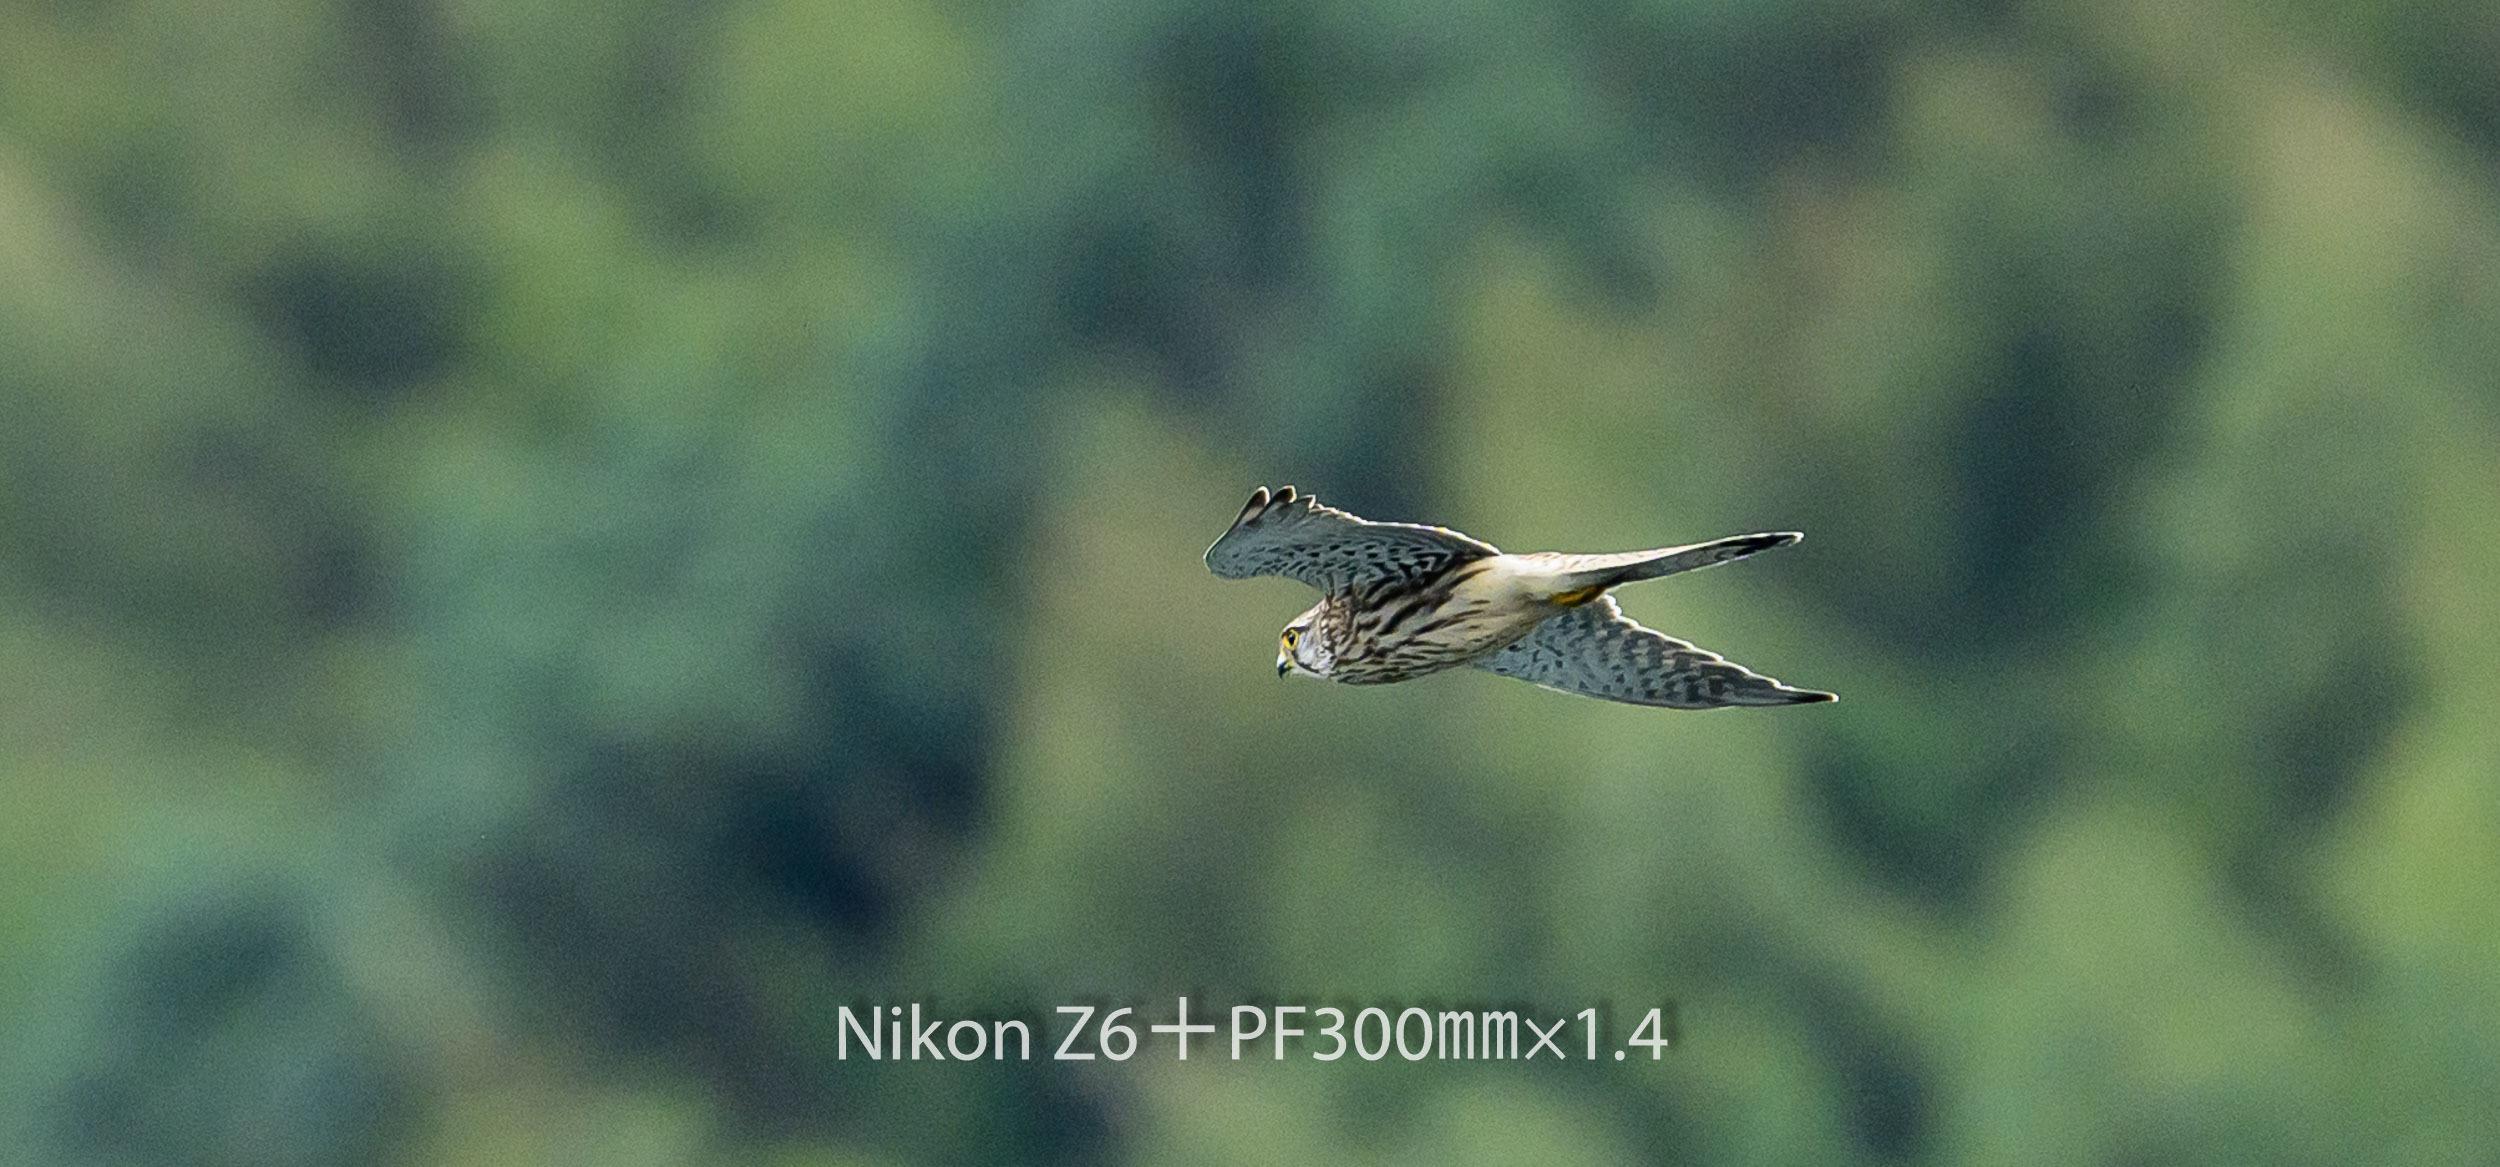 191008 チョウゲンボウ-19 NIKON Z 6 ISO 400 420 mm 2007 x 936